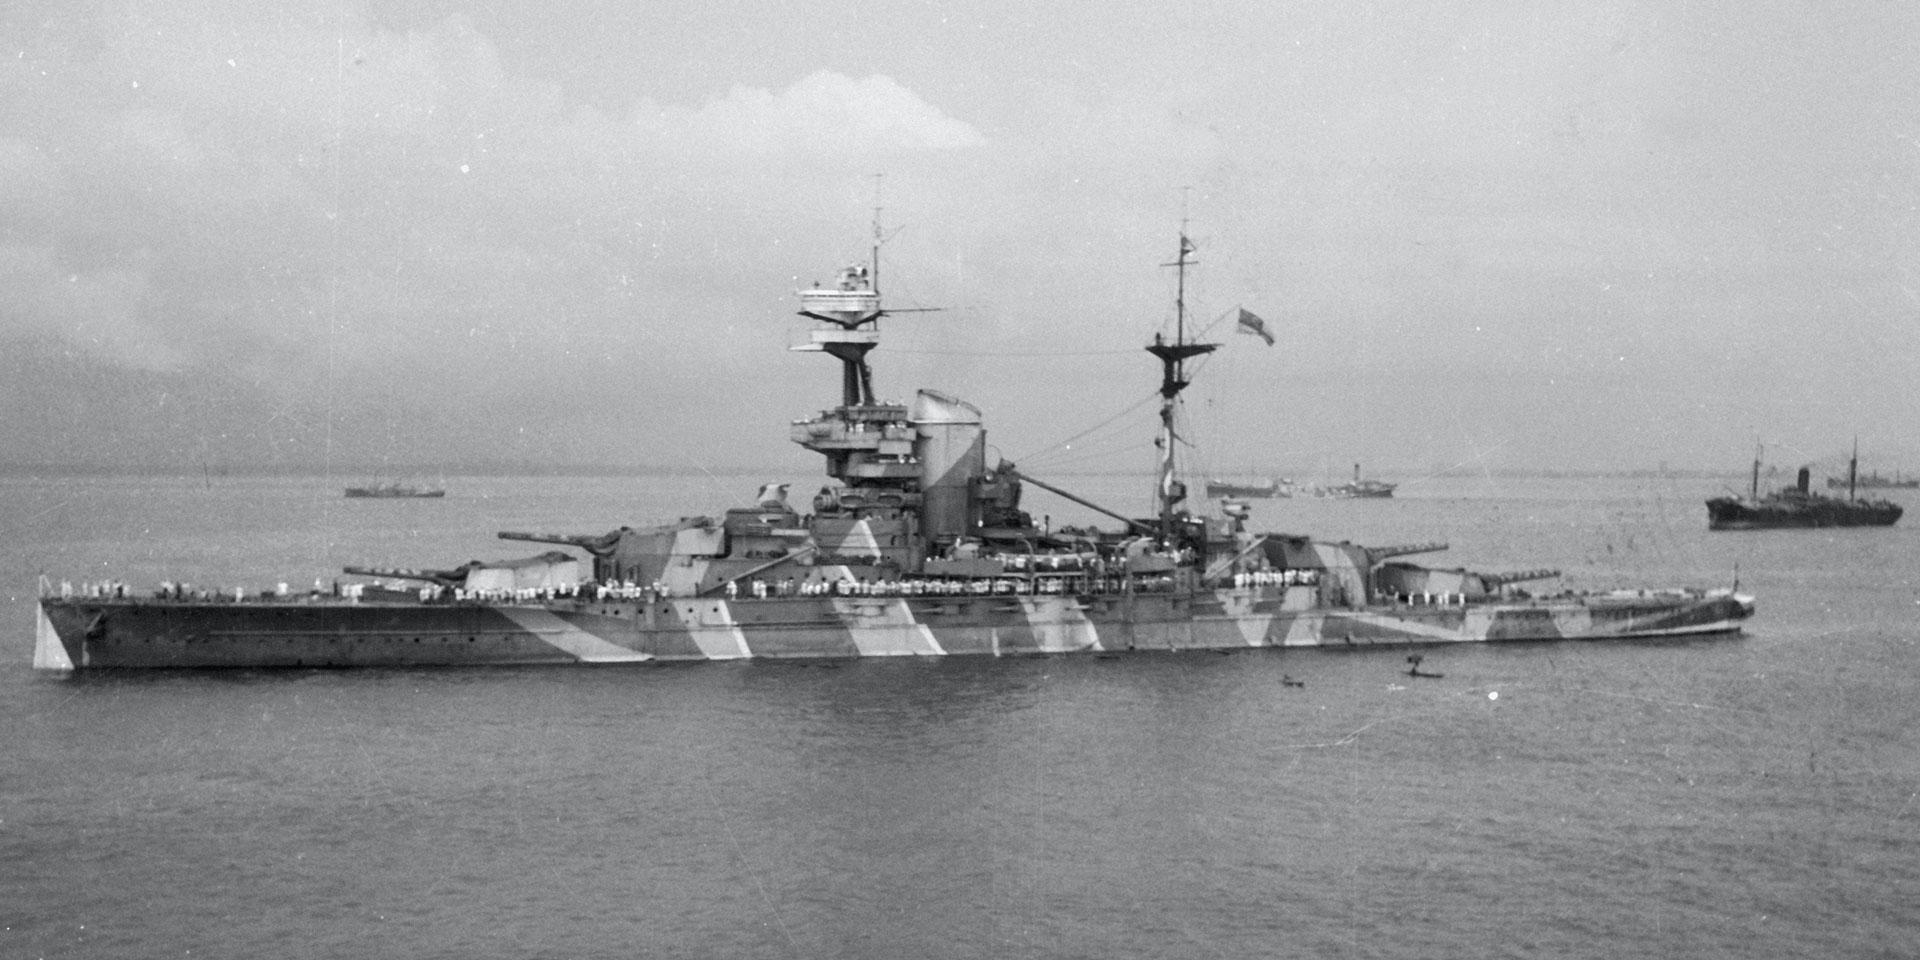 HMS 'Revenge', from HMT 'Orion', en route to Egypt, 1941